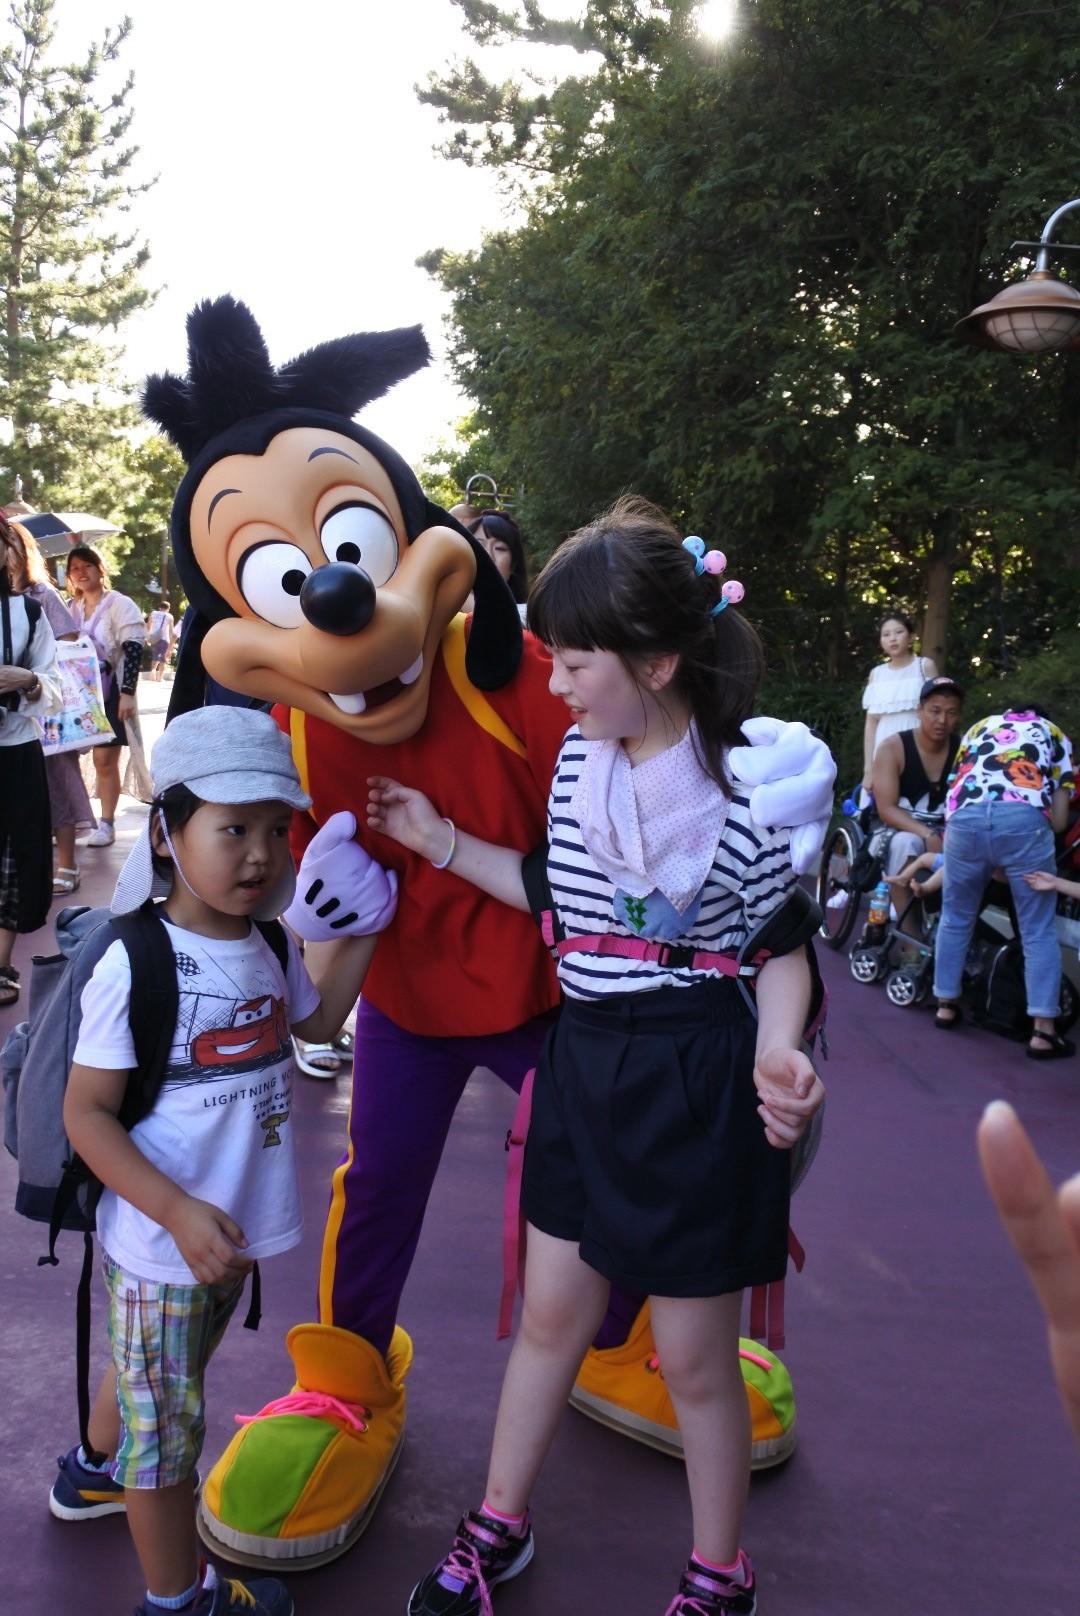 ディズニーのキャラクターと子どもたち